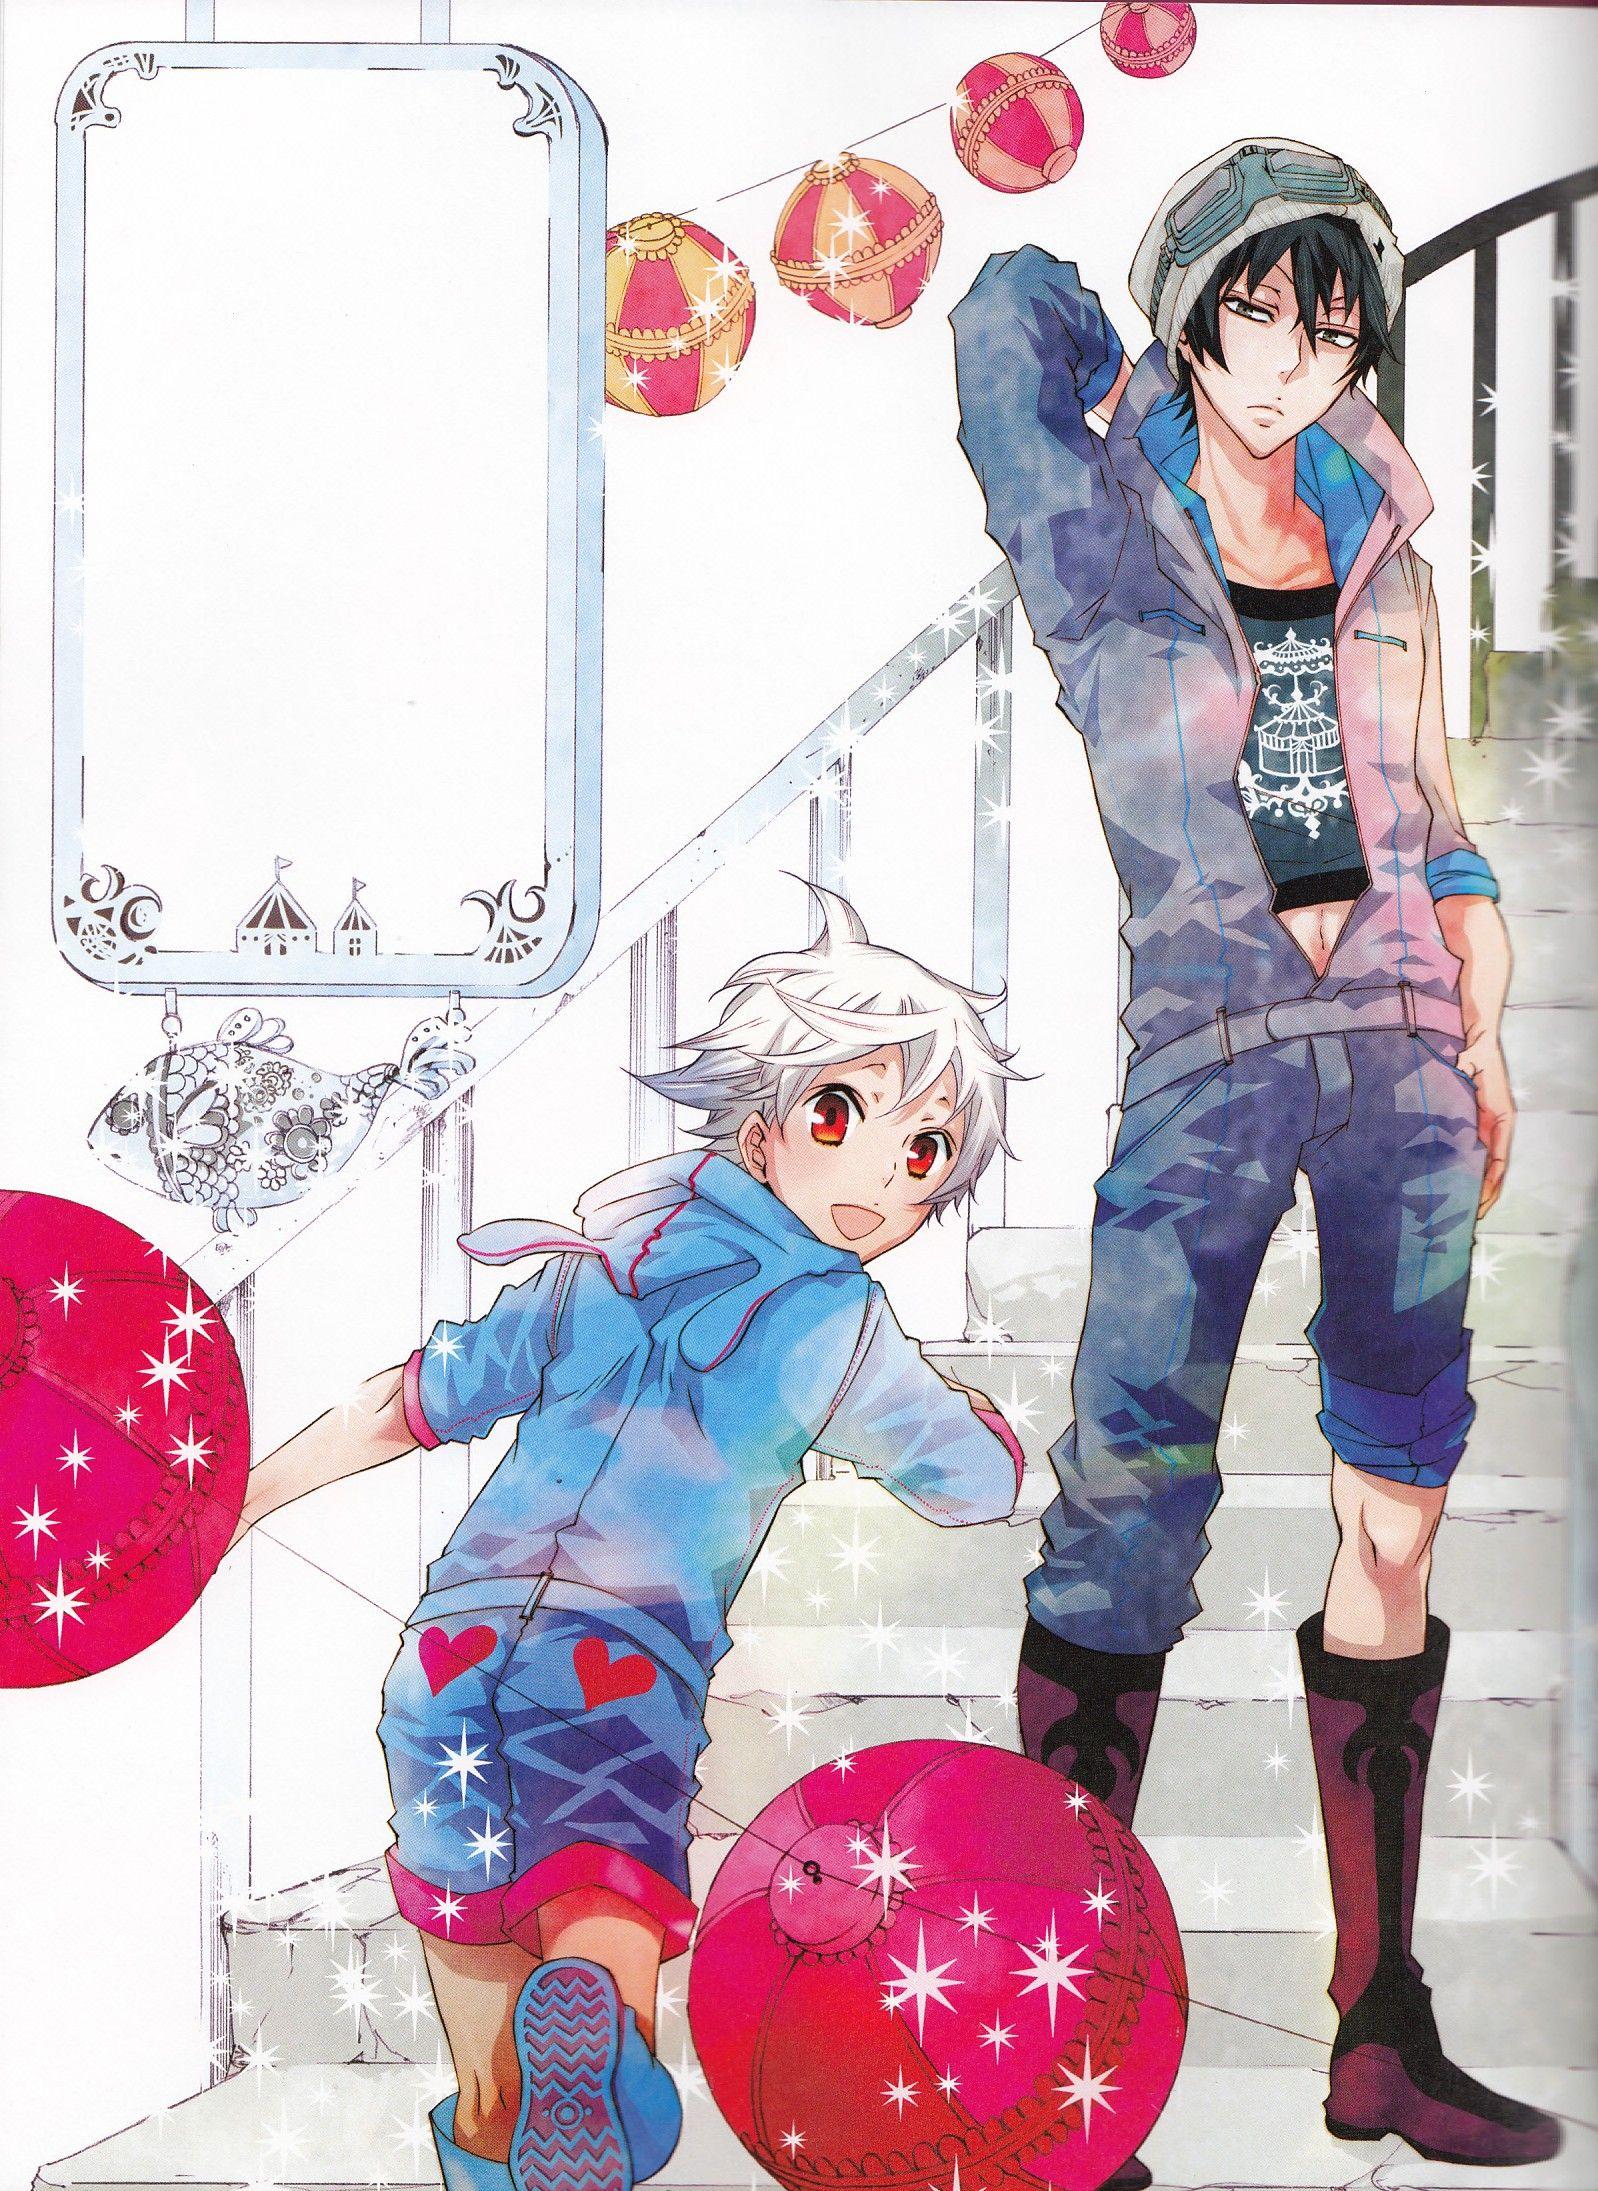 Gareki and Nai, Karneval | Karneval | Karneval manga ...